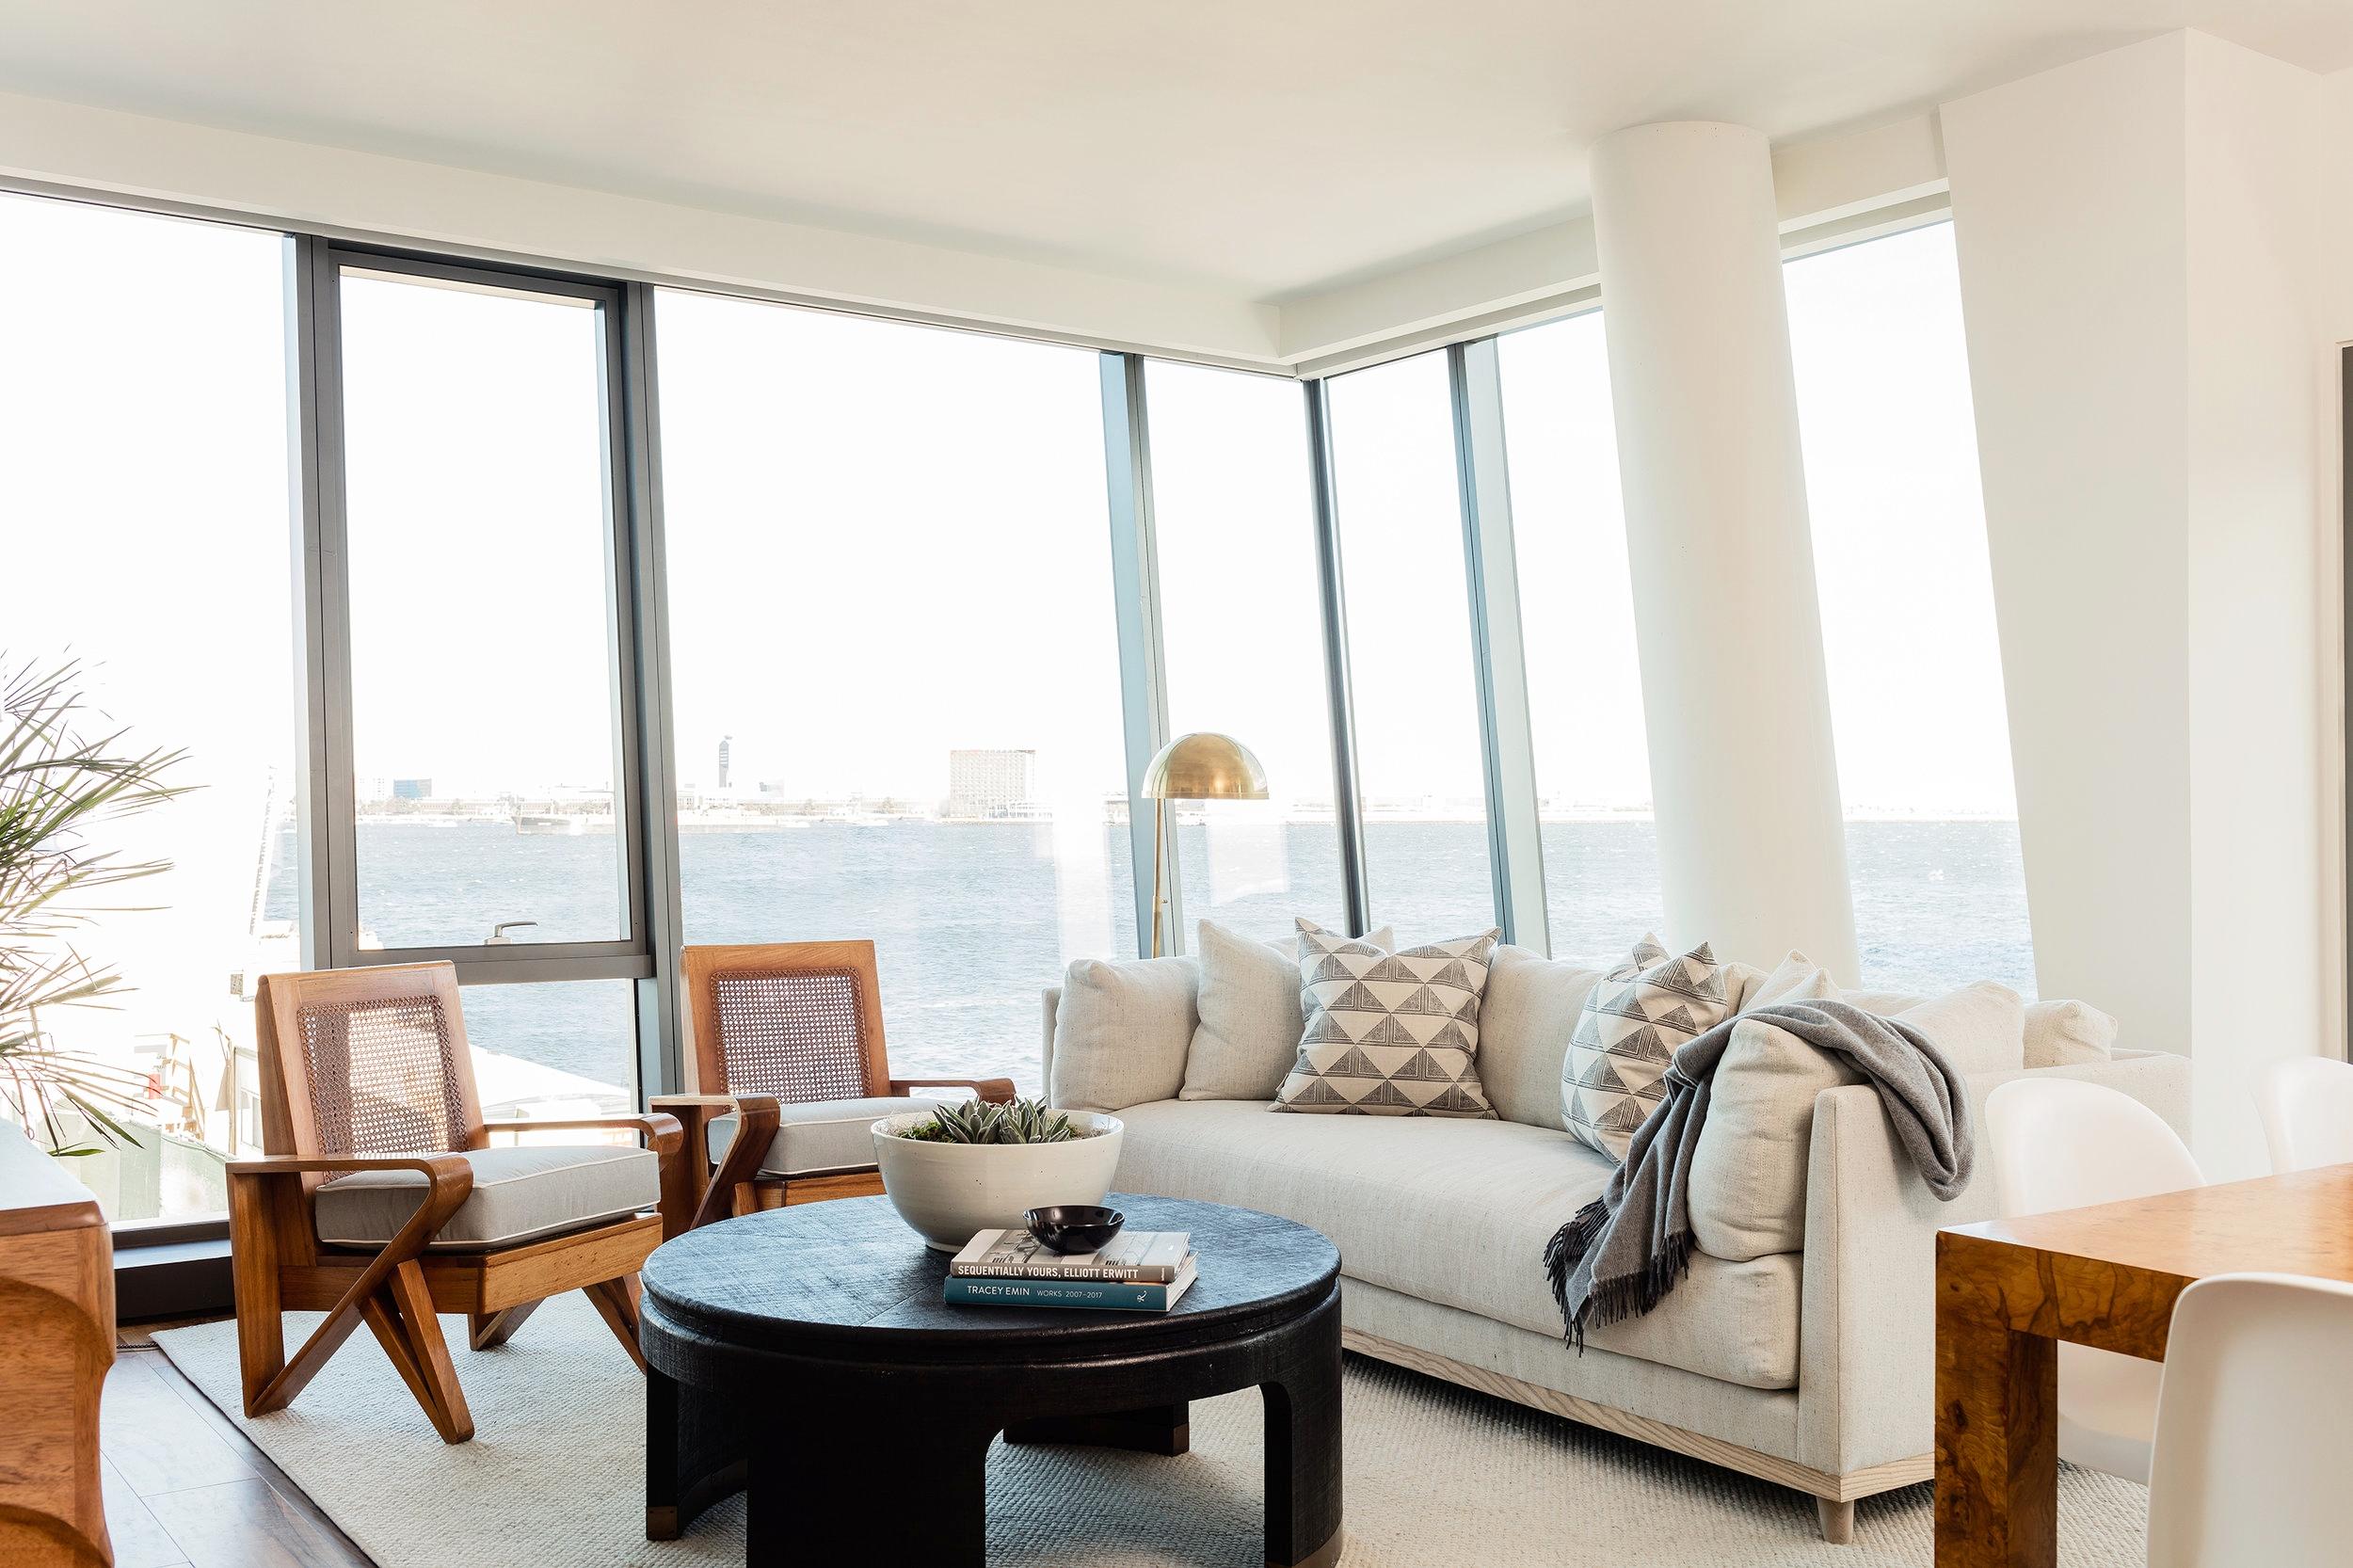 pier-4-model-living-room-hudson-interior-designs.jpg